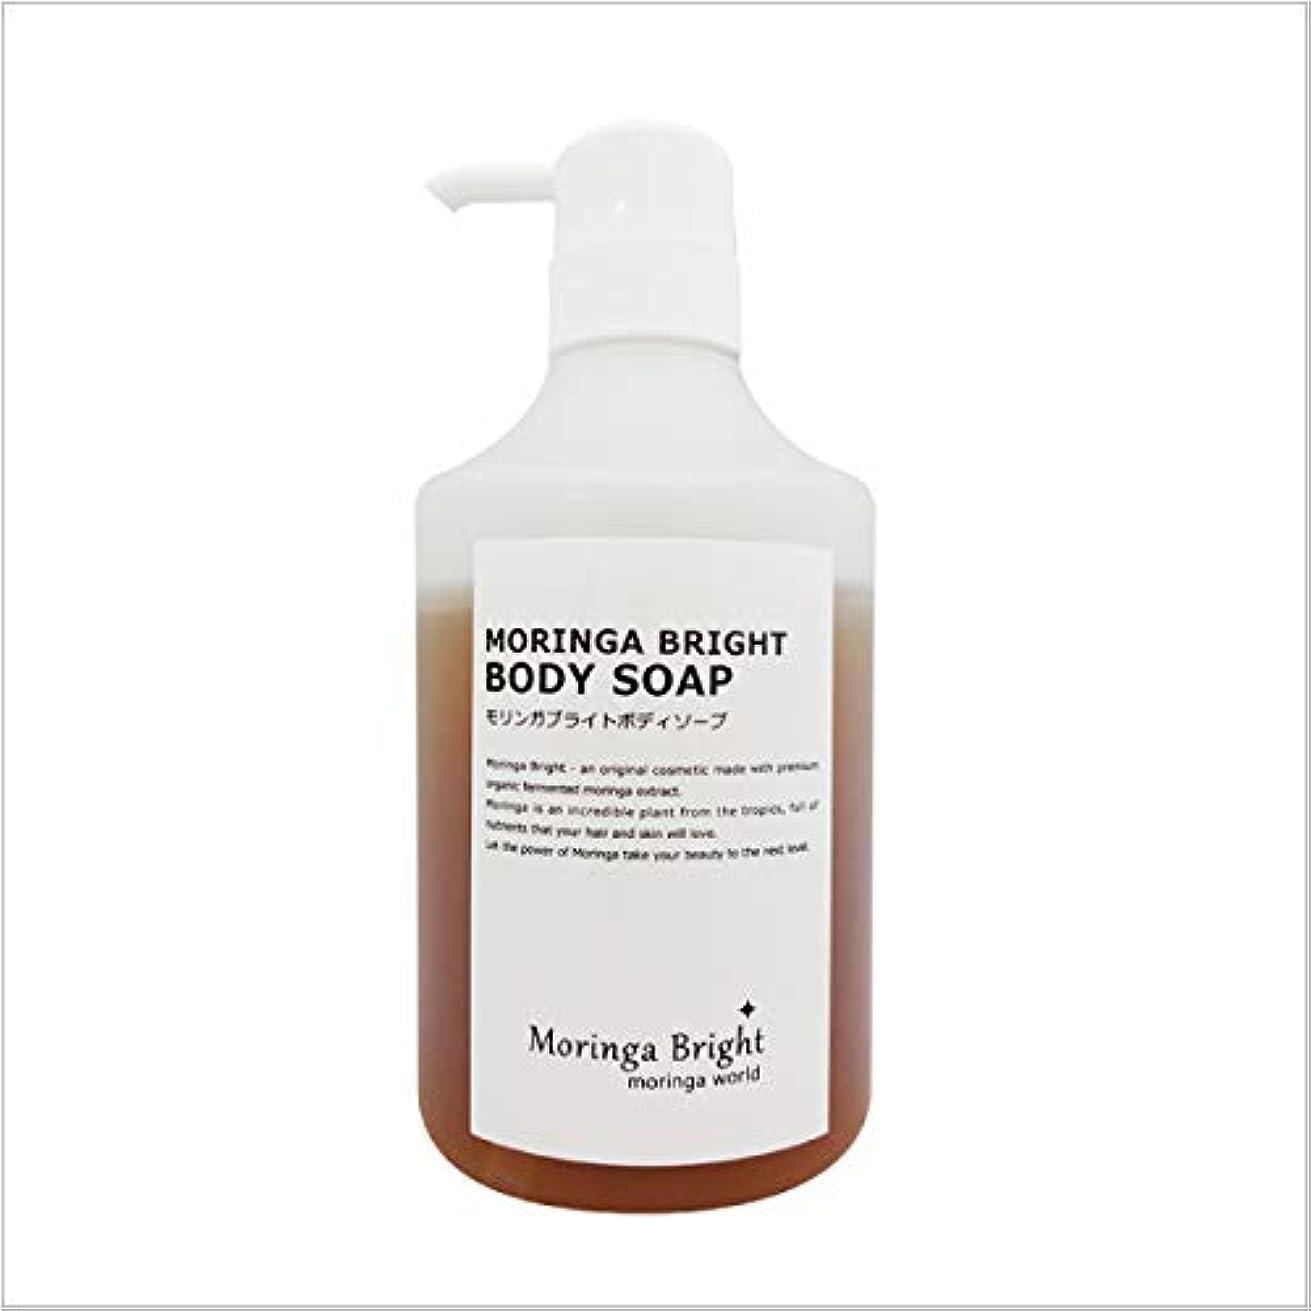 ダウンシーン父方の無添加ボディ&洗顔ソープ モリンガブライトボディソープ450ml 洗顔もできる無添加ボディソープ オーガニックモリンガを乳酸発酵させた保湿美容成分「発酵モリンガエキス」配合